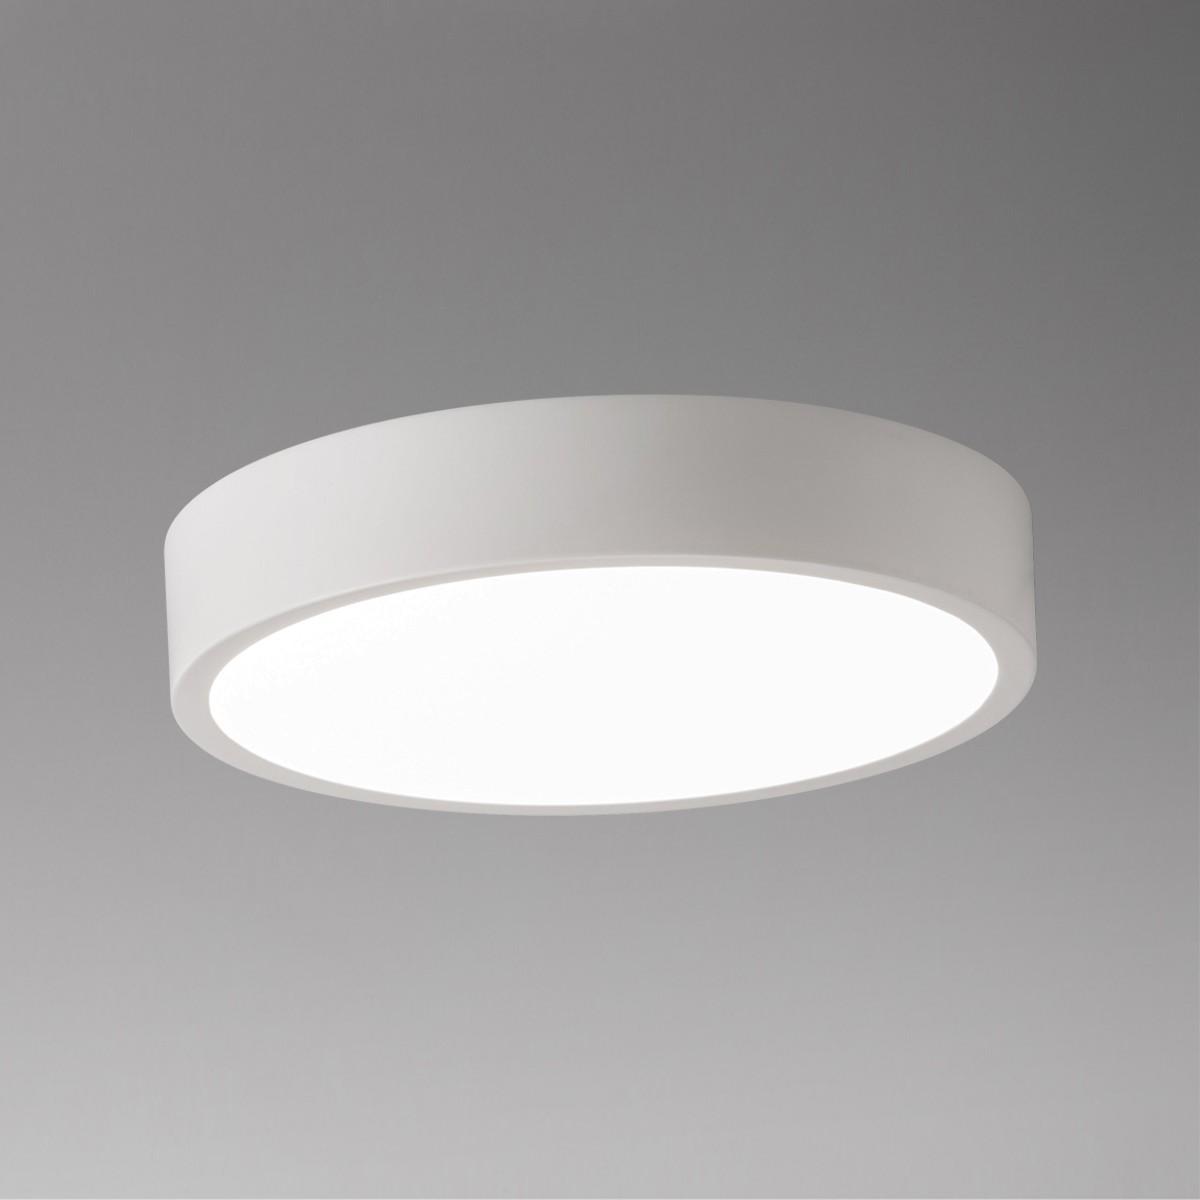 Lupia Licht Renox Deckenleuchte, Ø: 22,5 cm, weiß